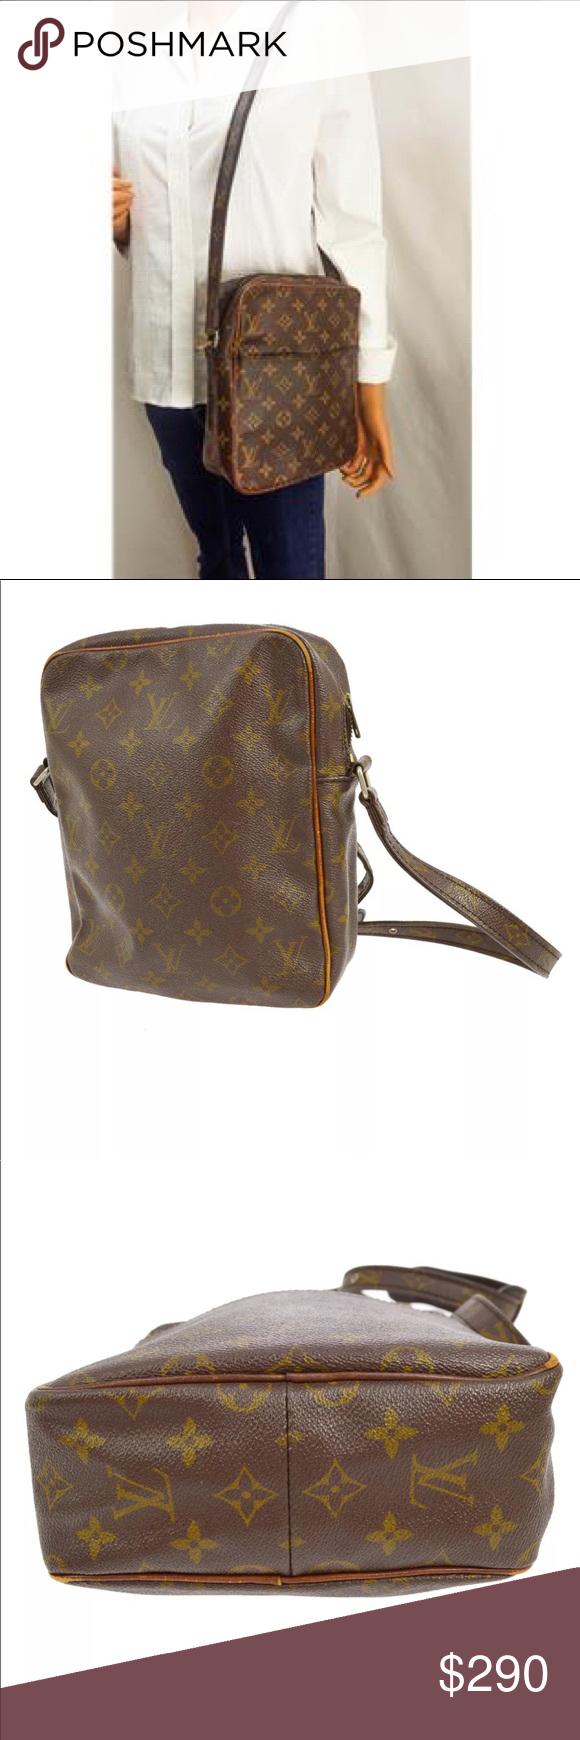 abfb6b859 Authentic Louis Vuitton Marceau Crossbody Louis Vuitton Vintage Marceau  Shoulder Bag. Features a spacious large